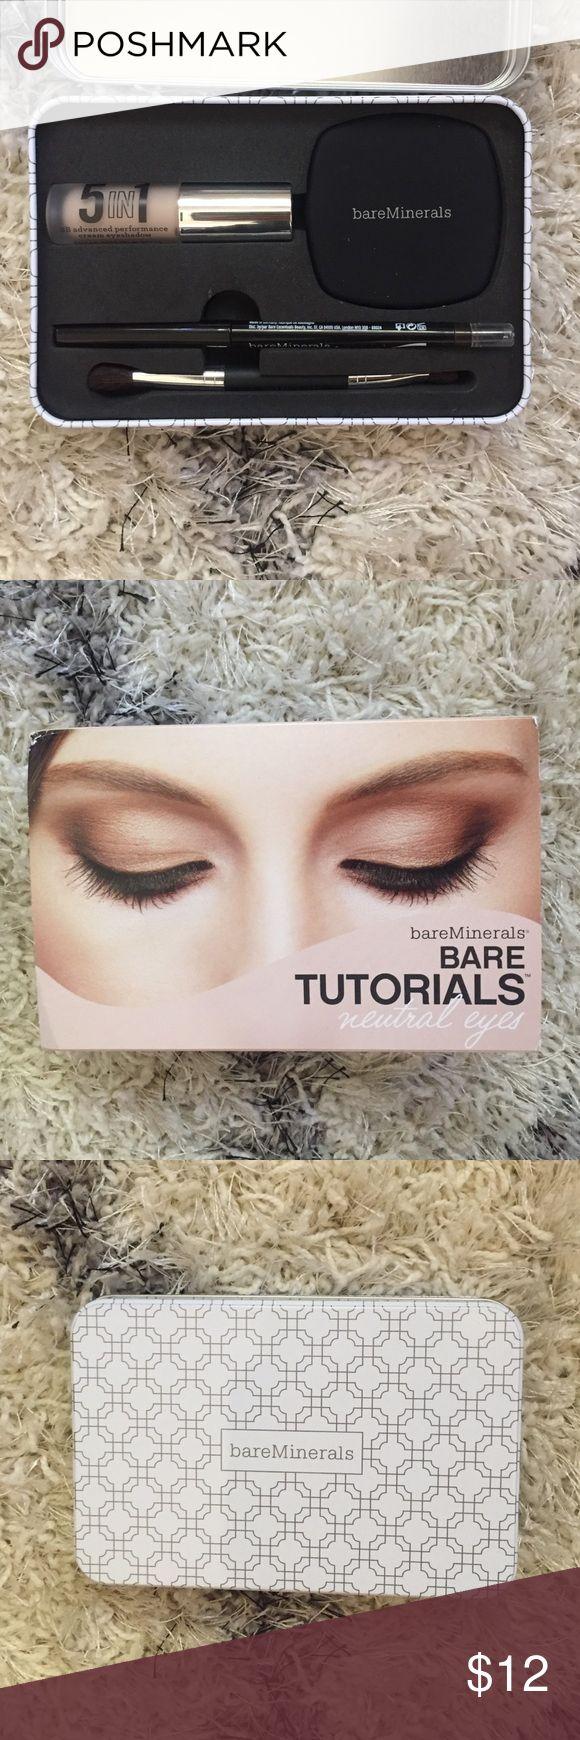 Bare minerals eyeshadow set Bare minerals neutral eyes set Bare Escentuals Makeup Eyeshadow